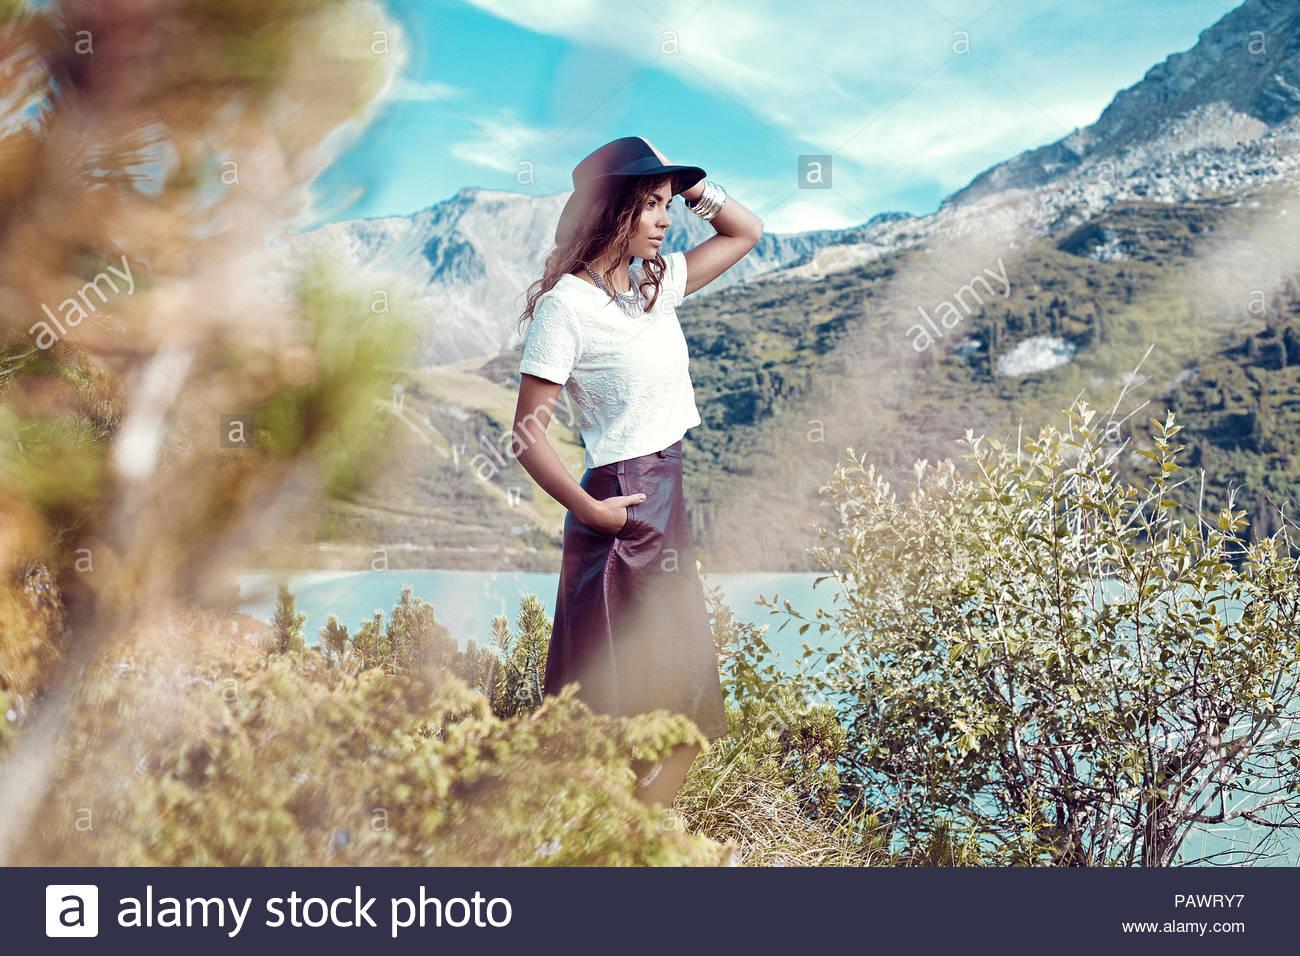 Eine Frau in Freizeitkleidung auf ein Feld an einem sonnigen Tag posing Stockbild